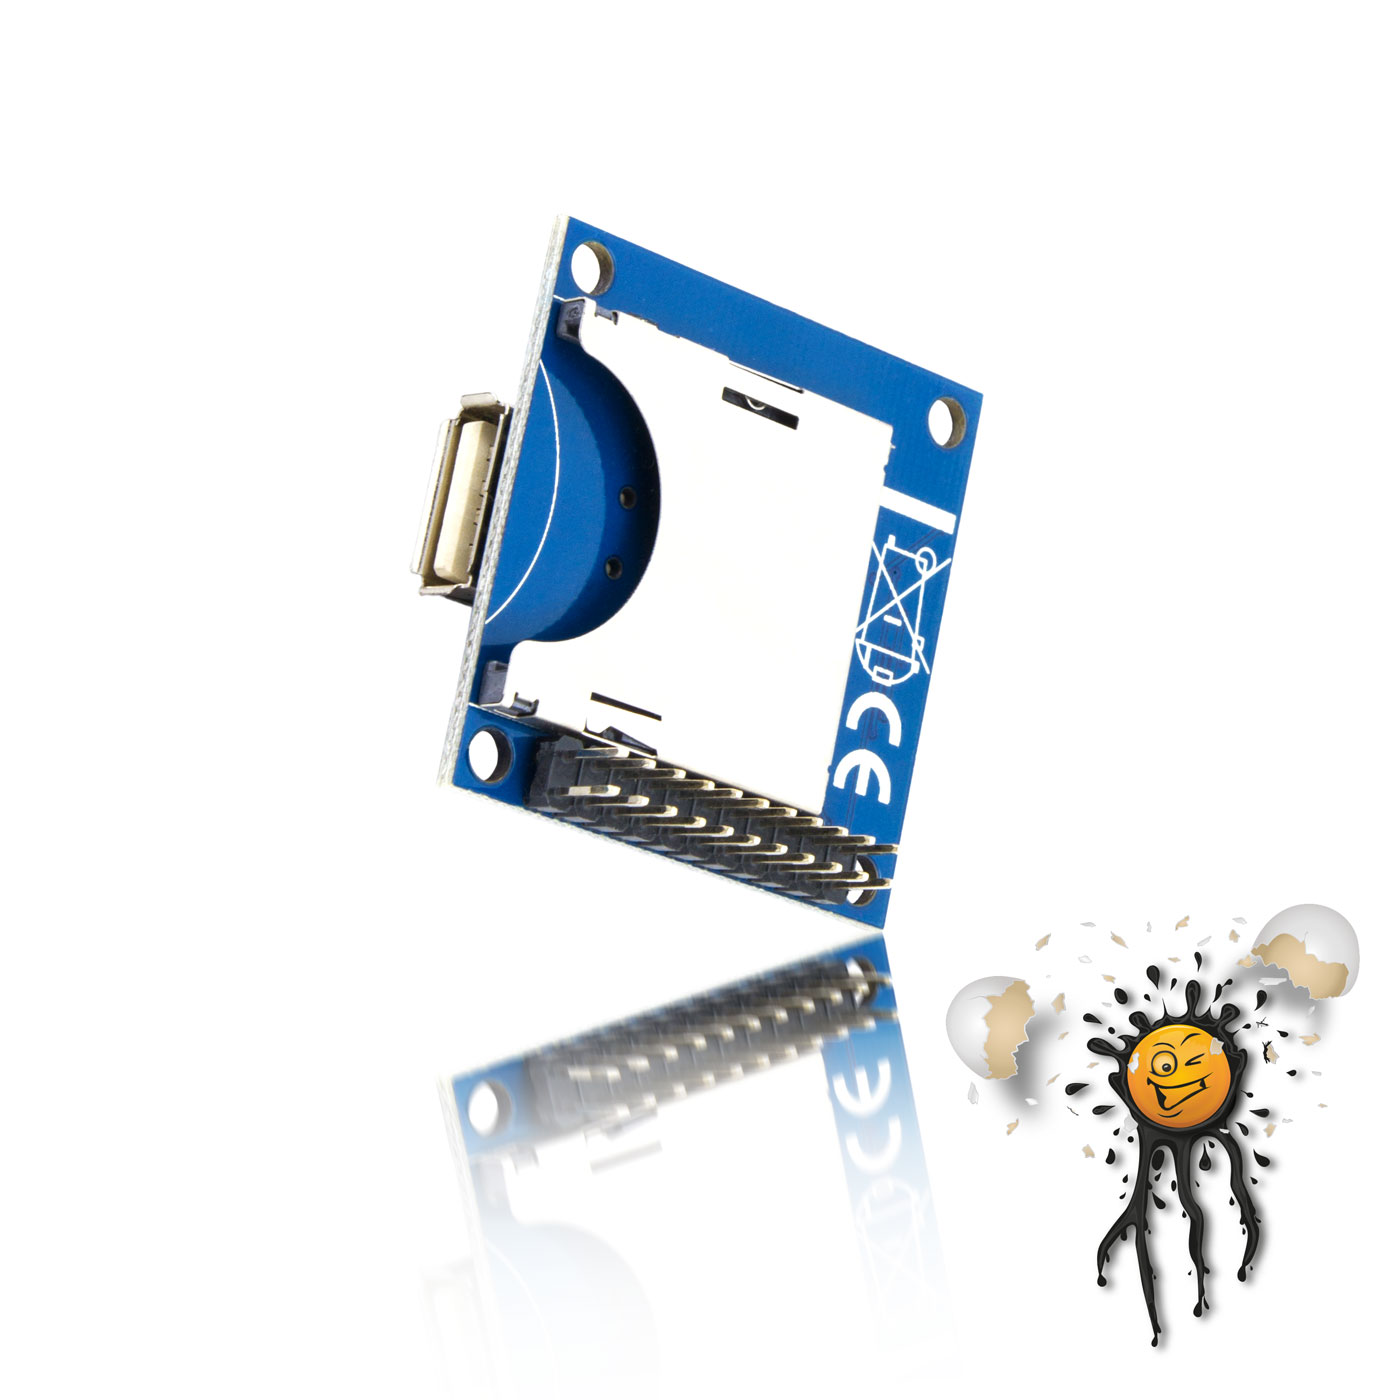 MP3 WAV Soundmodul Anschlüsse und Kartenleser